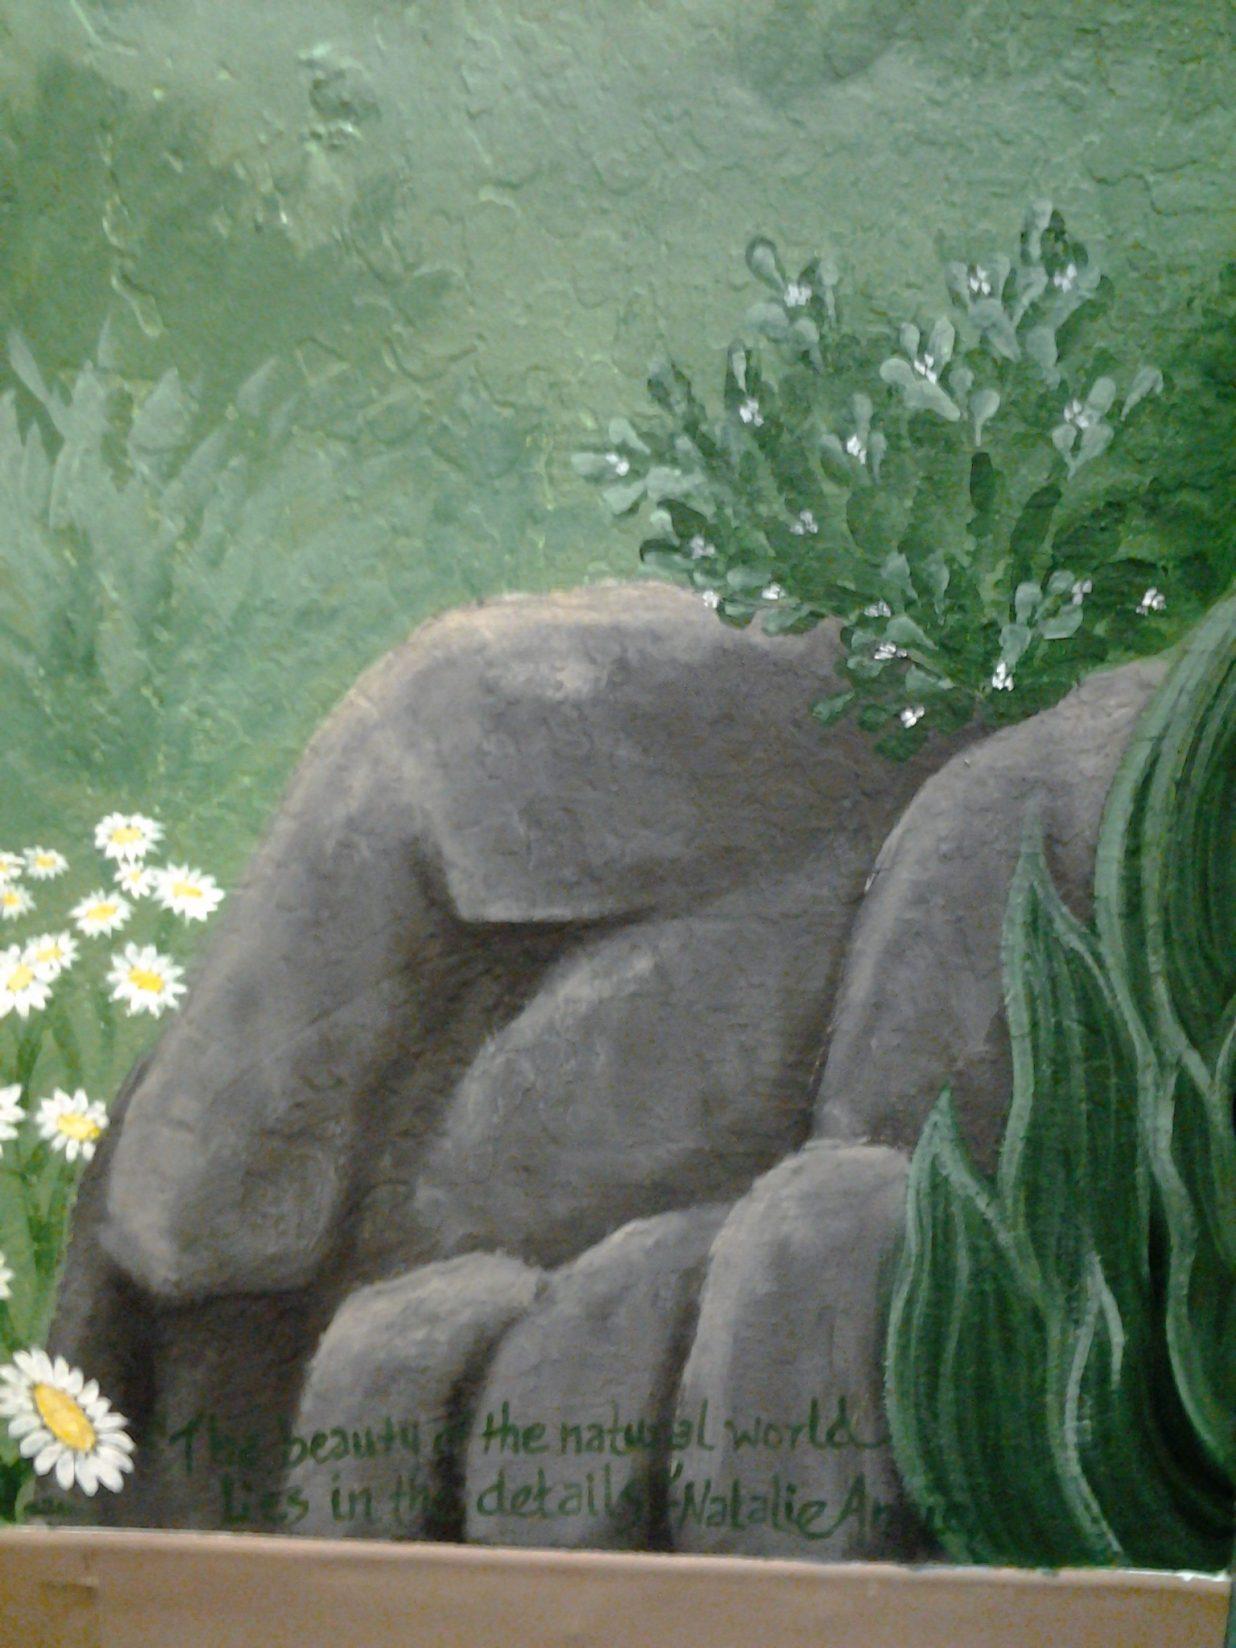 Truckee Elementary School Mural - Truckee and Lake Tahoe fine art nature painter mentorship custom mural boulders